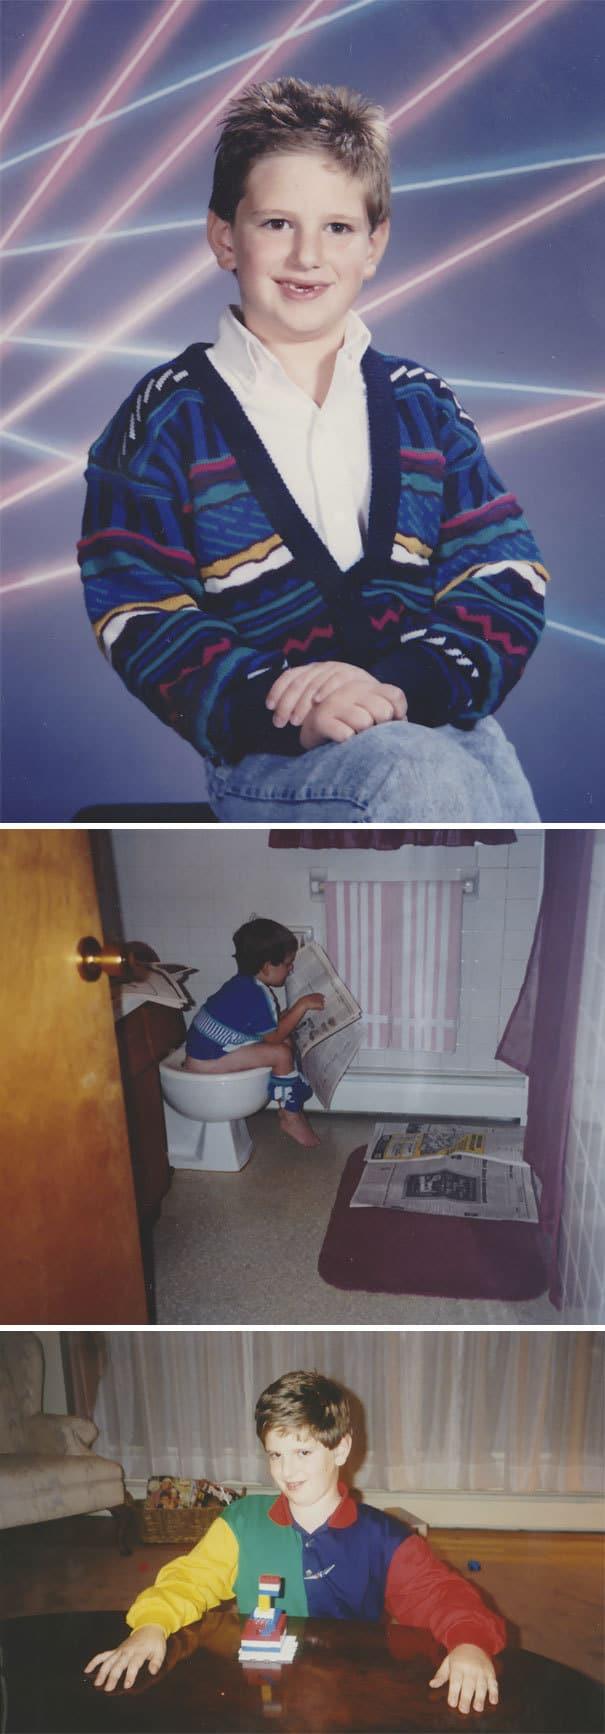 funny-akward-childhood-photos-71-59cb7404633db__605-1 | Интернет-пользователи выкладывают детские фото своих супругов — это безумно смешно!